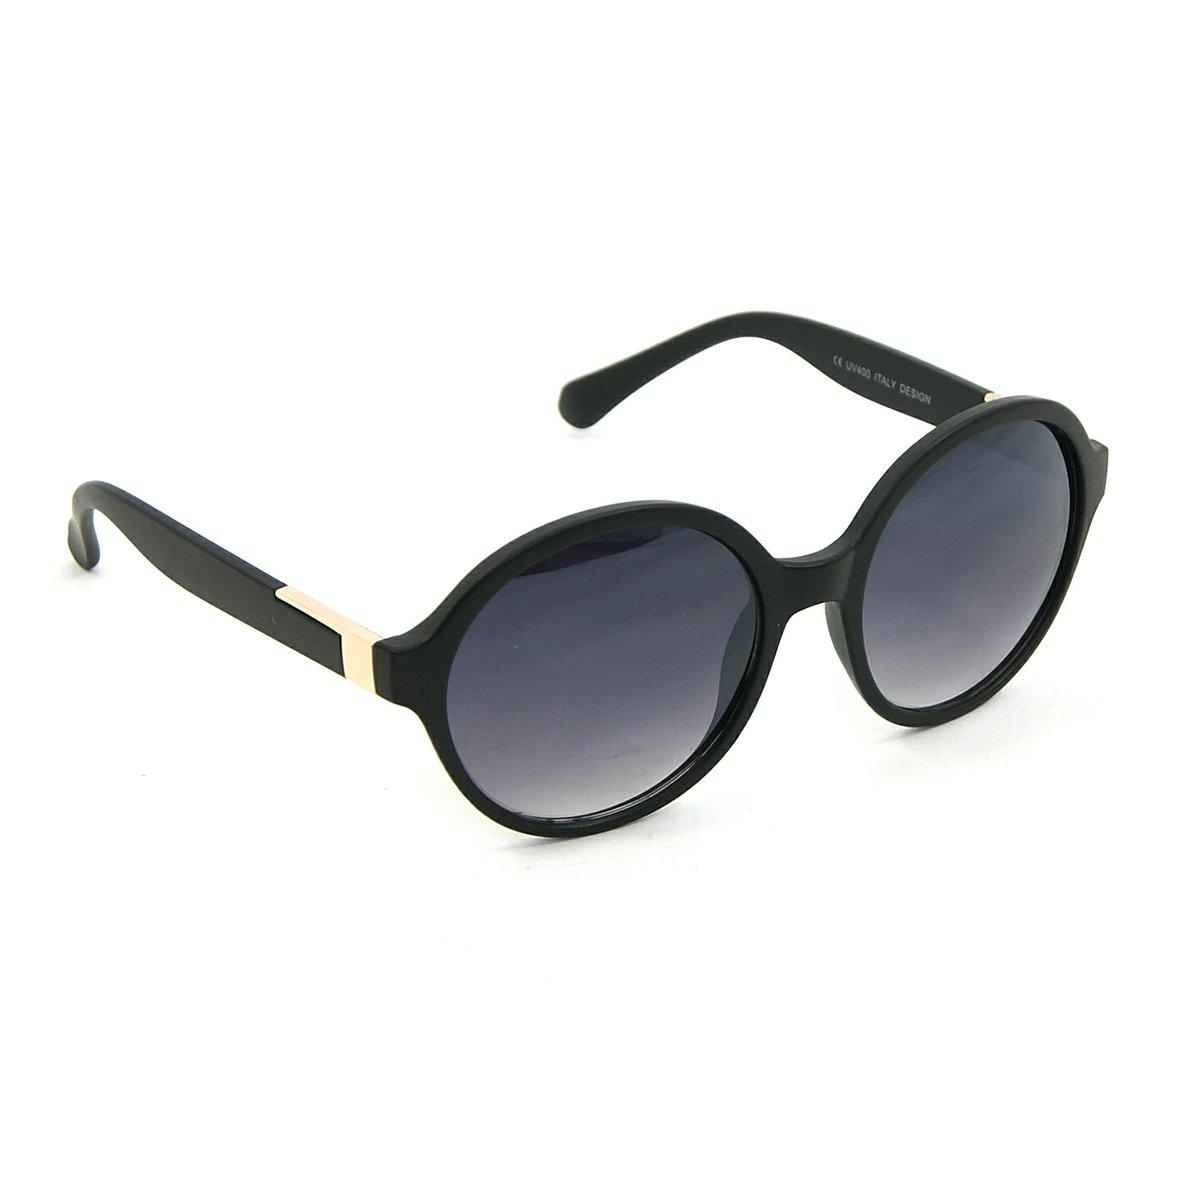 451aa8d8e022b Óculos Bijoulux de Sol Redondo e - Compre Agora   Netshoes